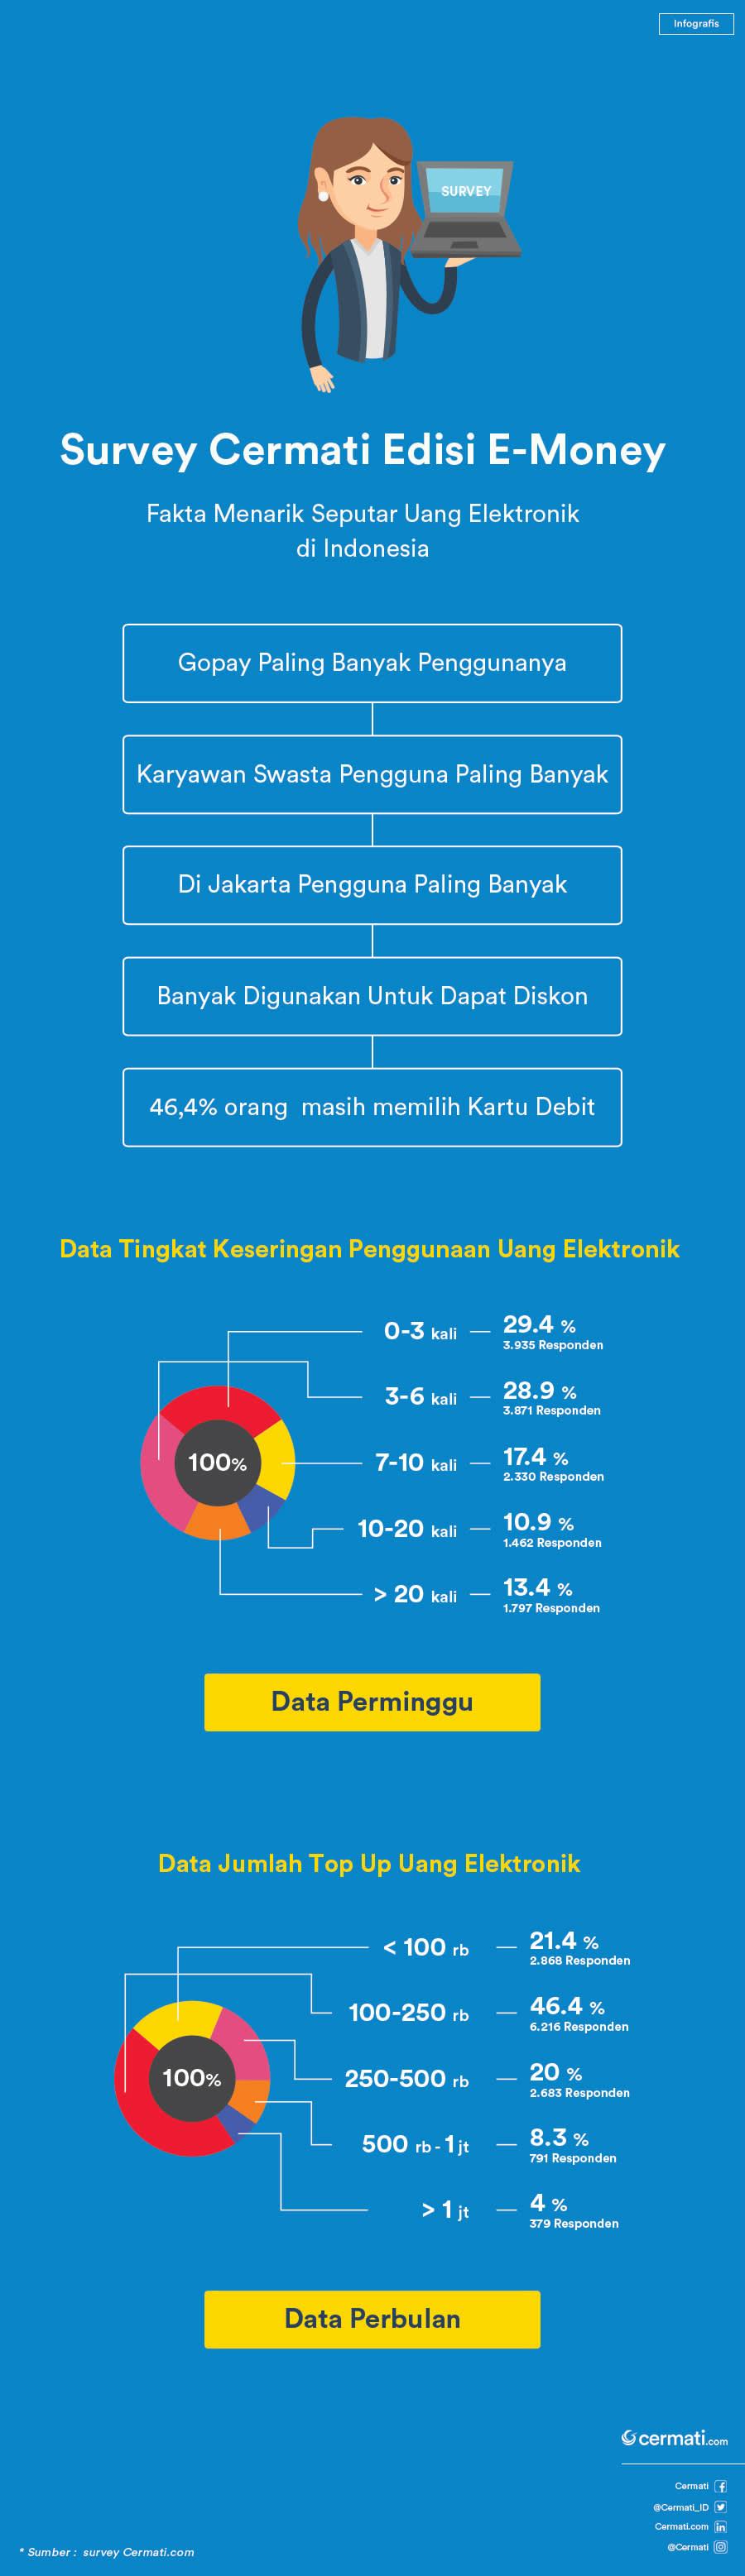 e-money banyak digunakan untuk biaya transportasi